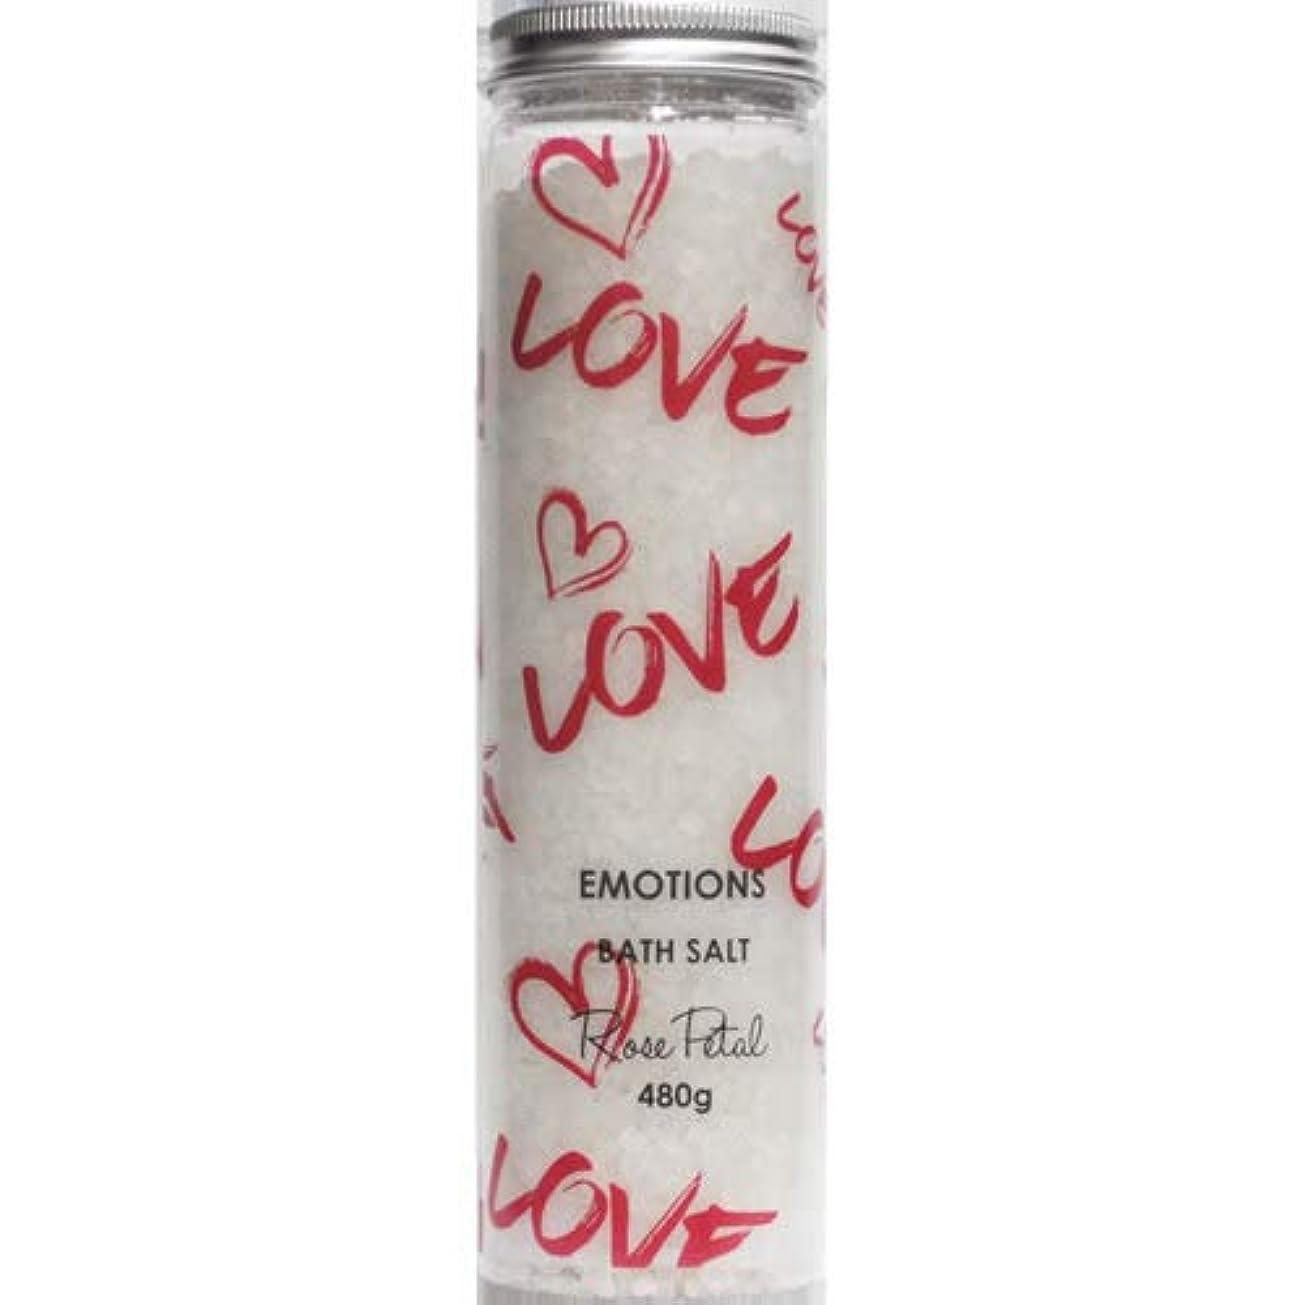 出身地明るい旅三和トレーディング EMOTIONS エモーション Fragranced Bath Salts バスソルト Love ラブ(Rose Petal ローズペタル)